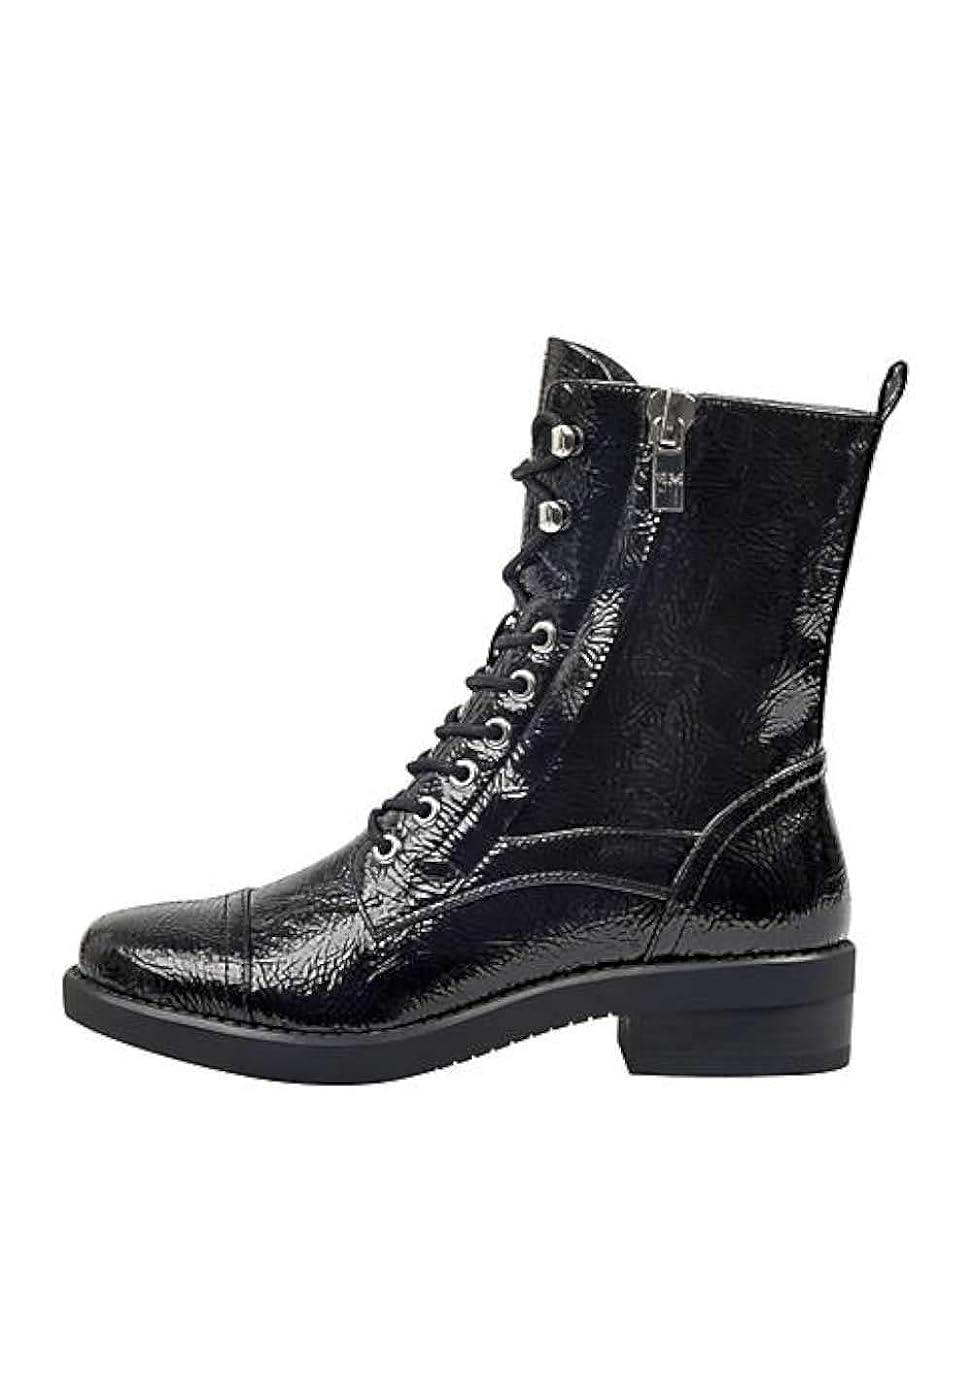 ライトニングすばらしいです報酬の[Marc Fisher] Womens Ulessa2 Closed Toe Mid-Calf Combat Boots [並行輸入品]